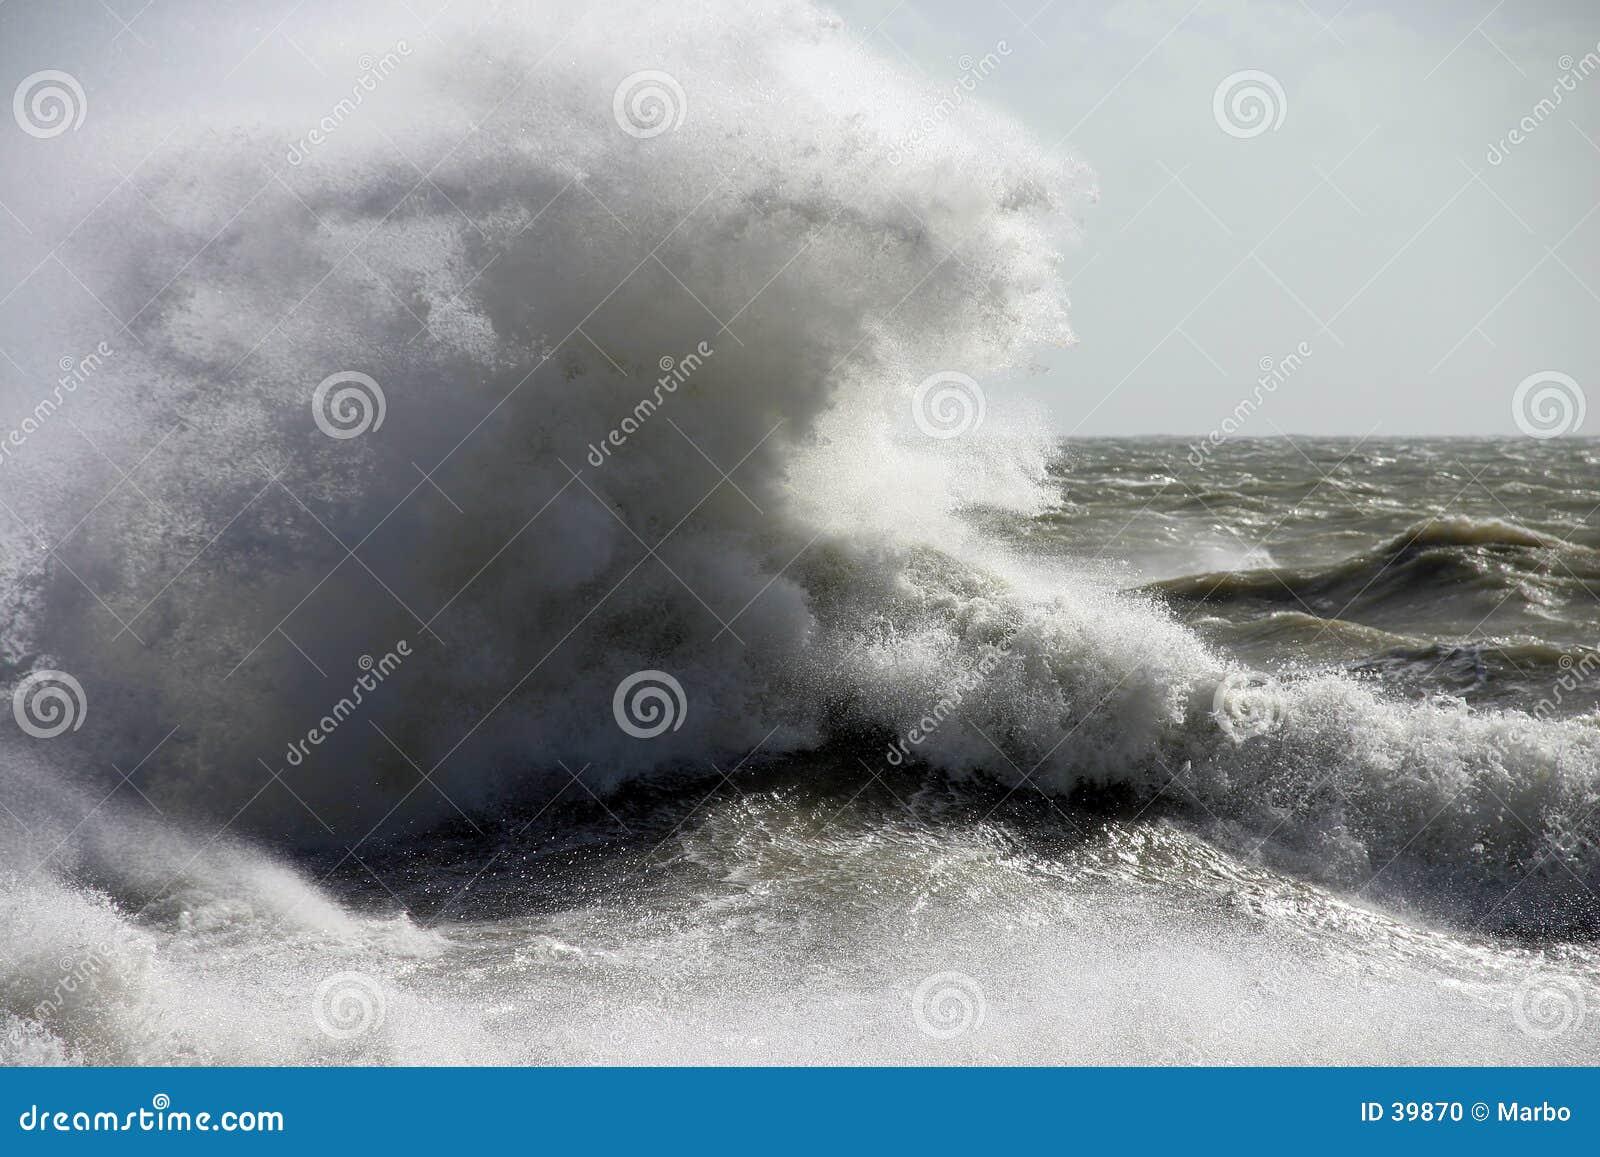 Freak Wave